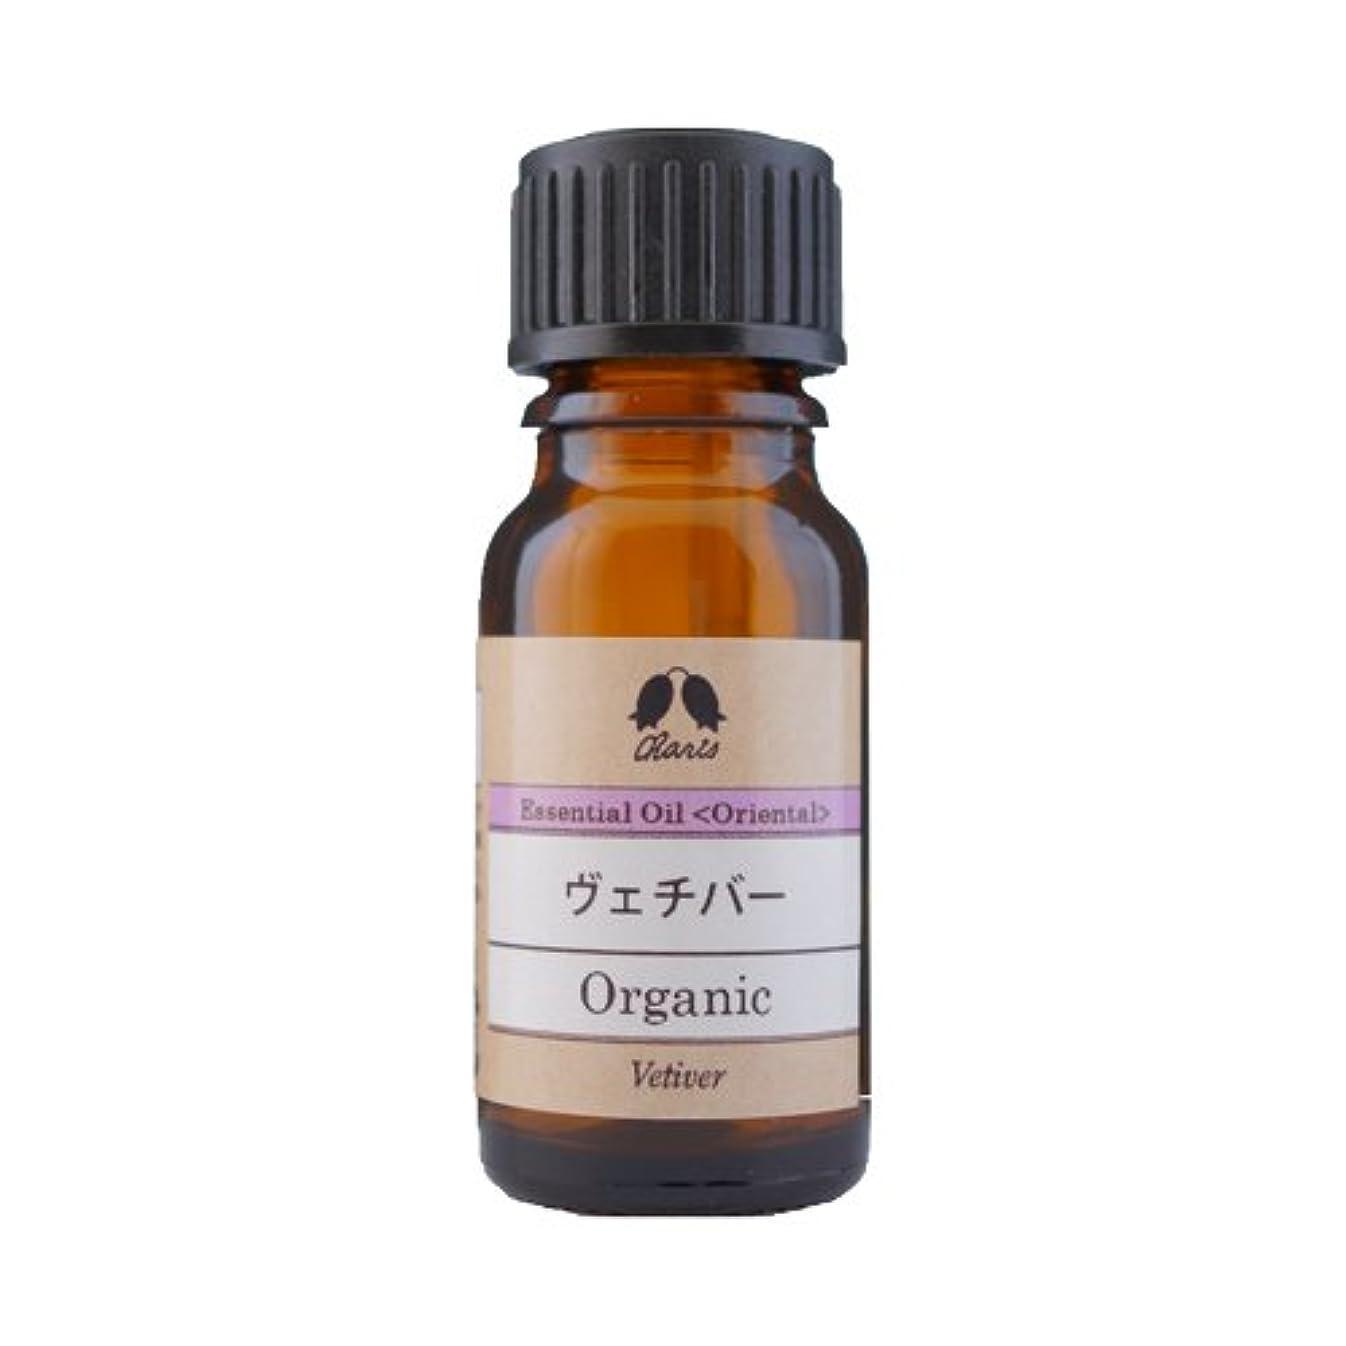 軽く乳免疫カリス ヴェチバー オーガニック オイル 10ml